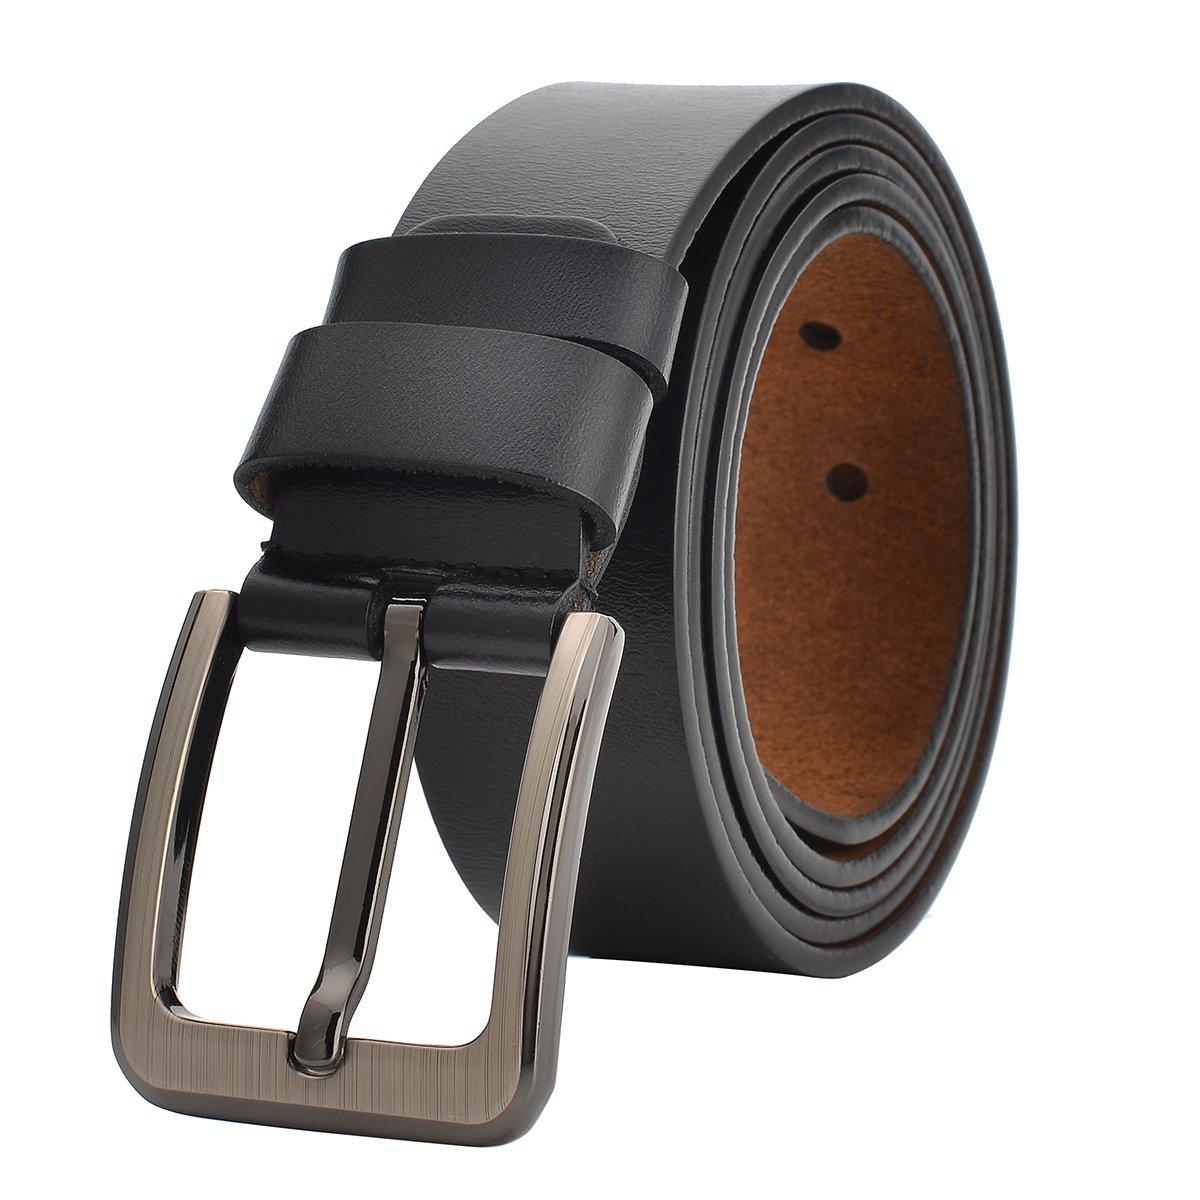 Men Dress Belt Genuine Leather Adjustable for Waist up to 155cm/60' Big & Tall (Waist 40'-43', Black)